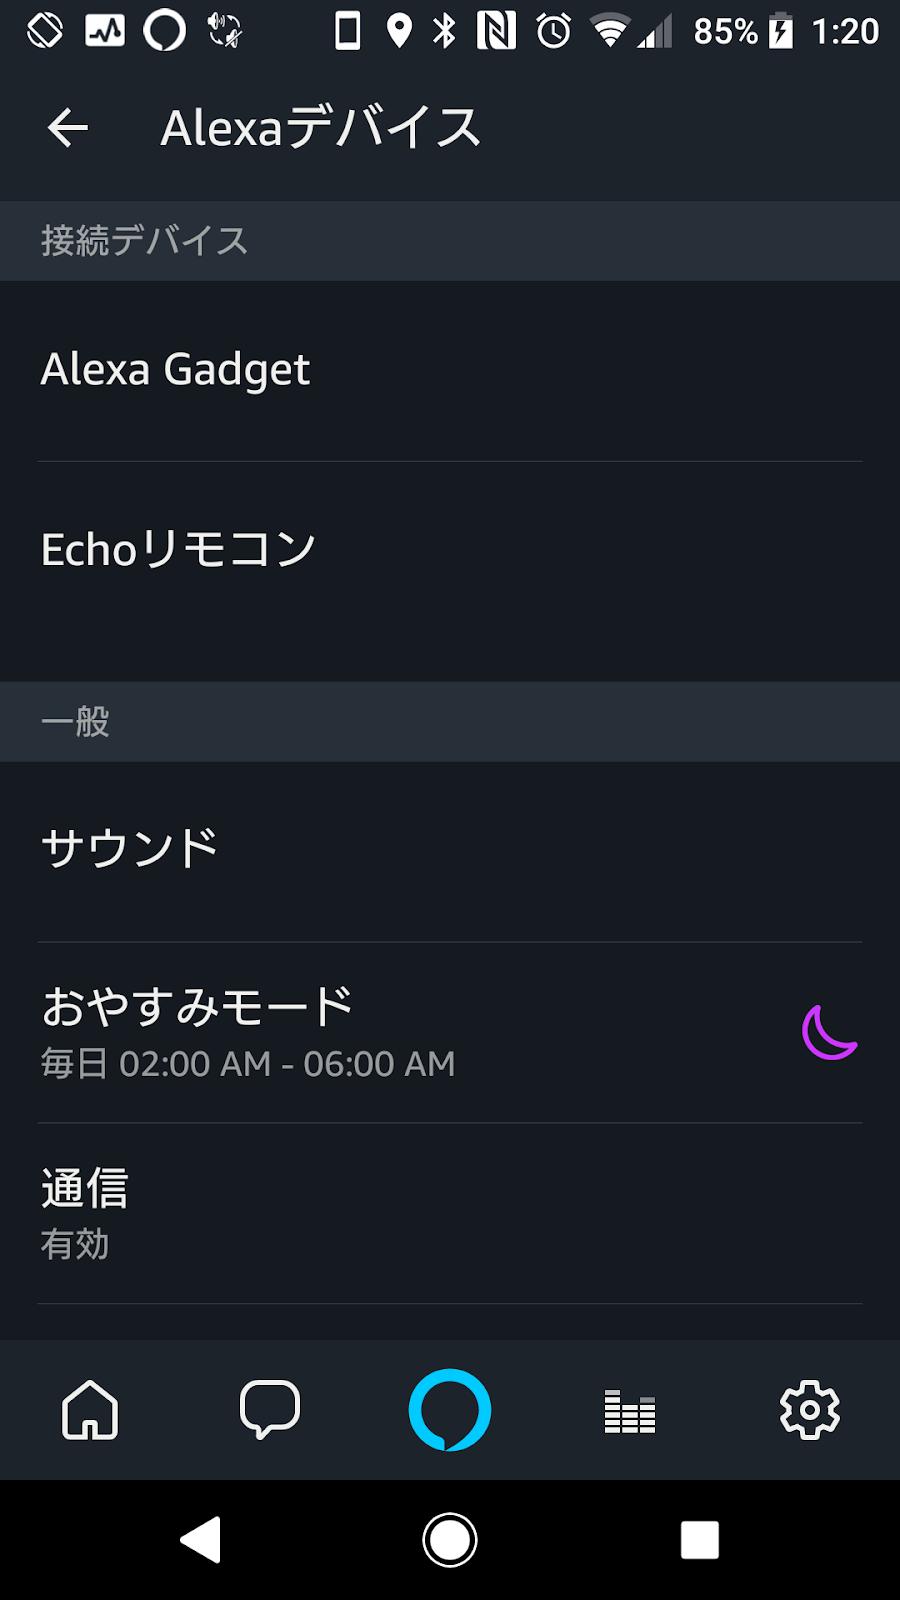 アレクサ おやすみ モード